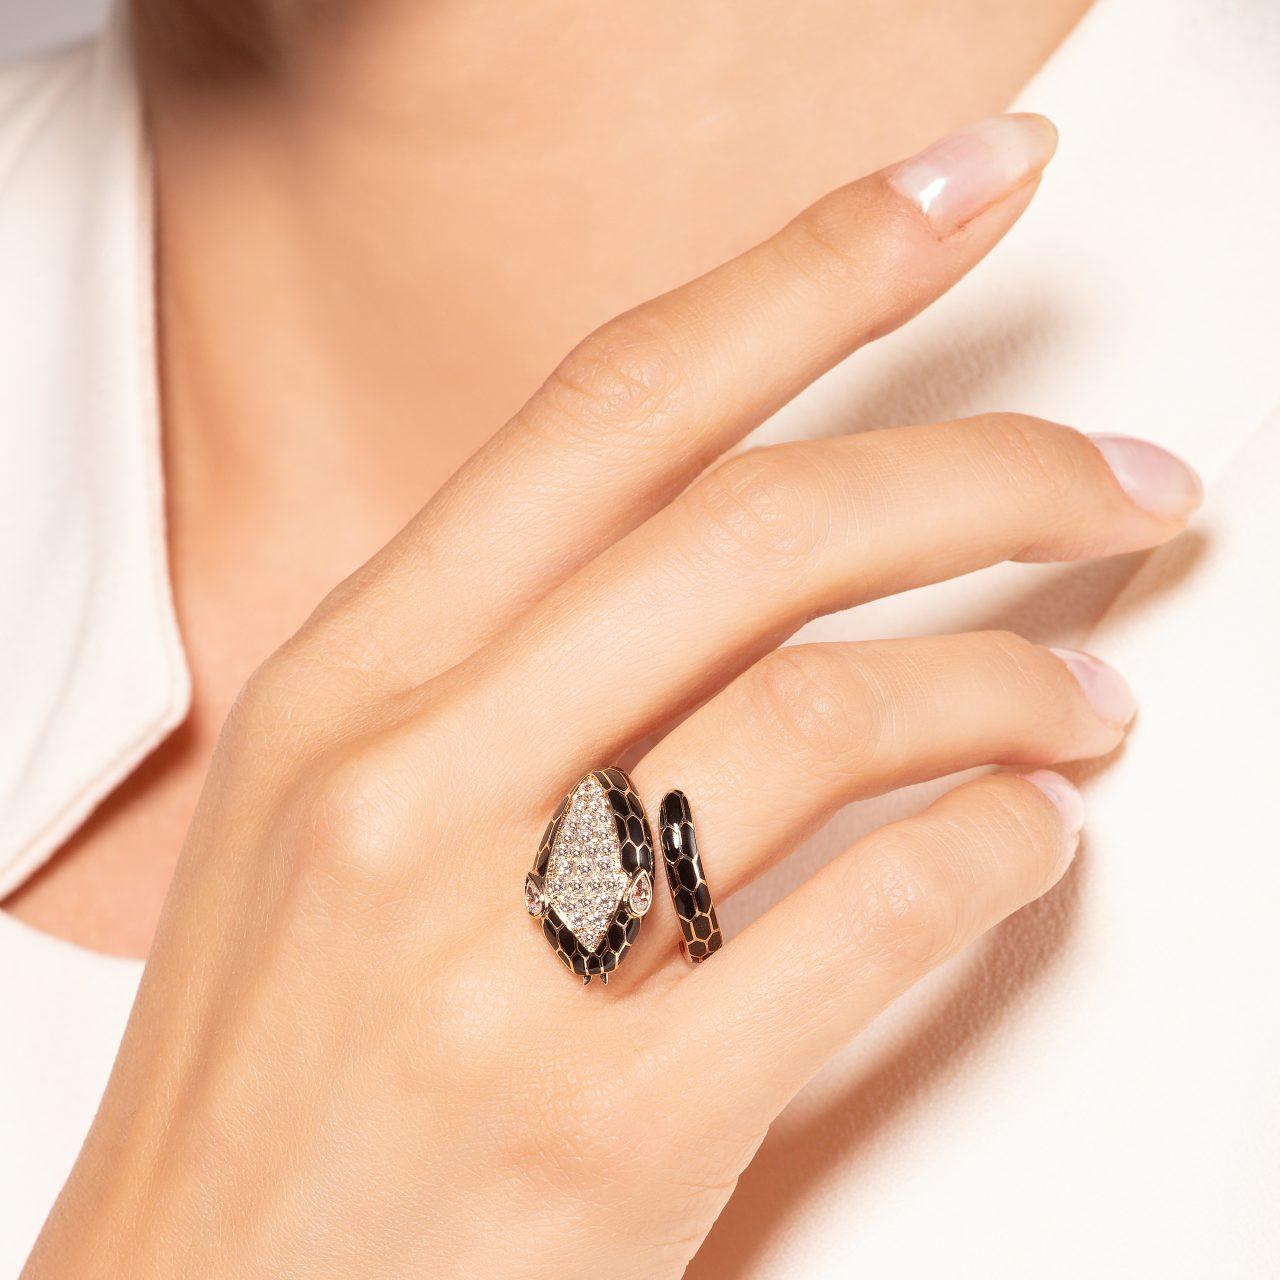 Illario anello serpente in Oro Rosa 18k smaltato con diamanti indossato